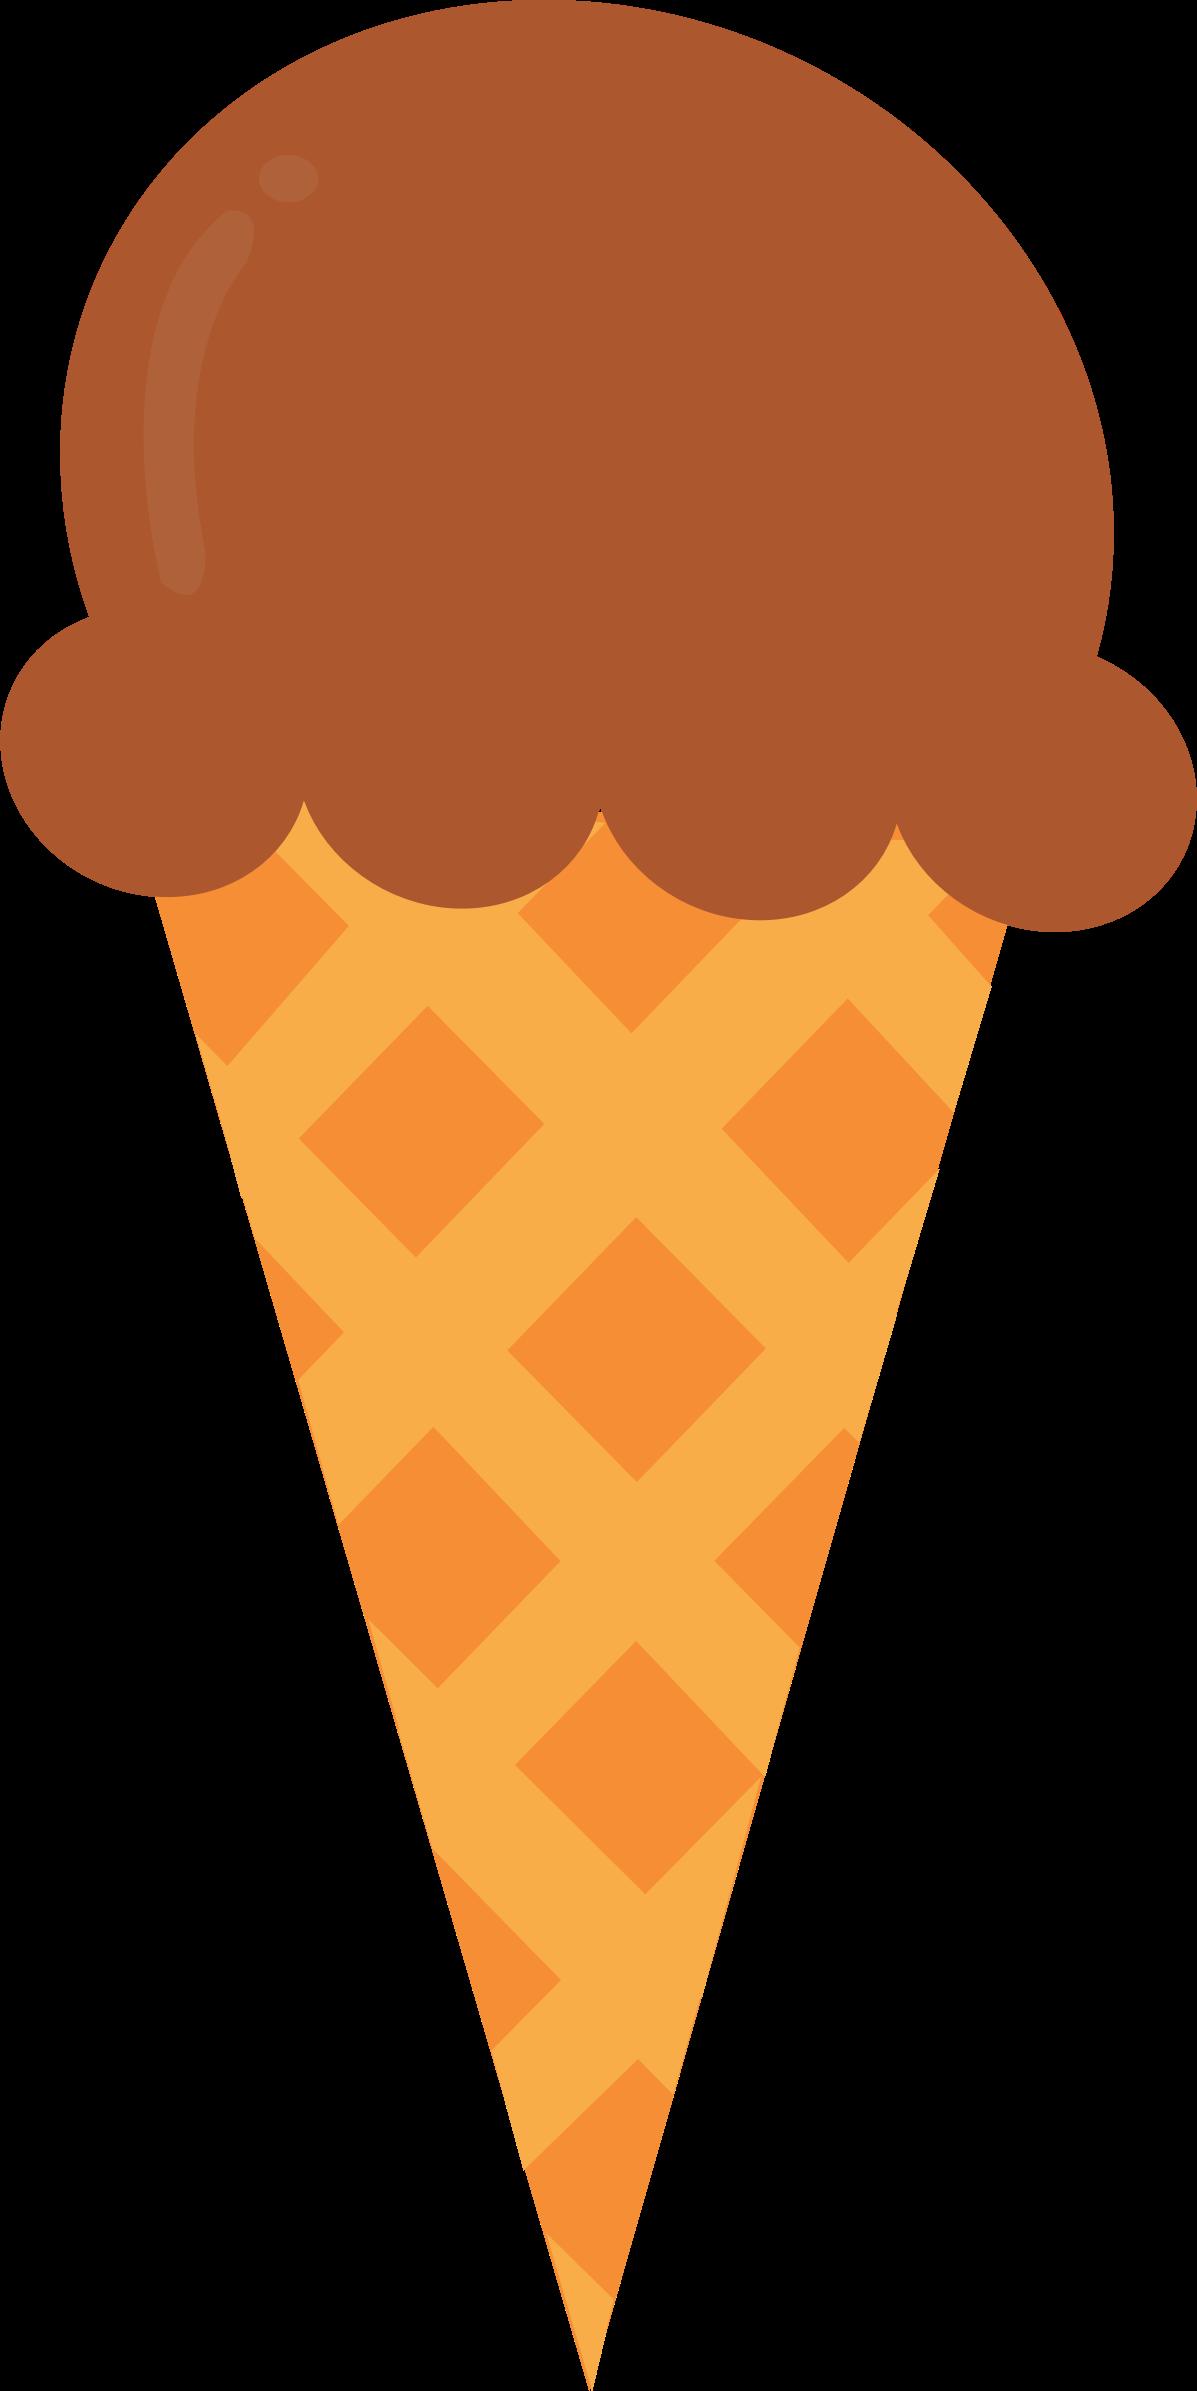 Icecream orange